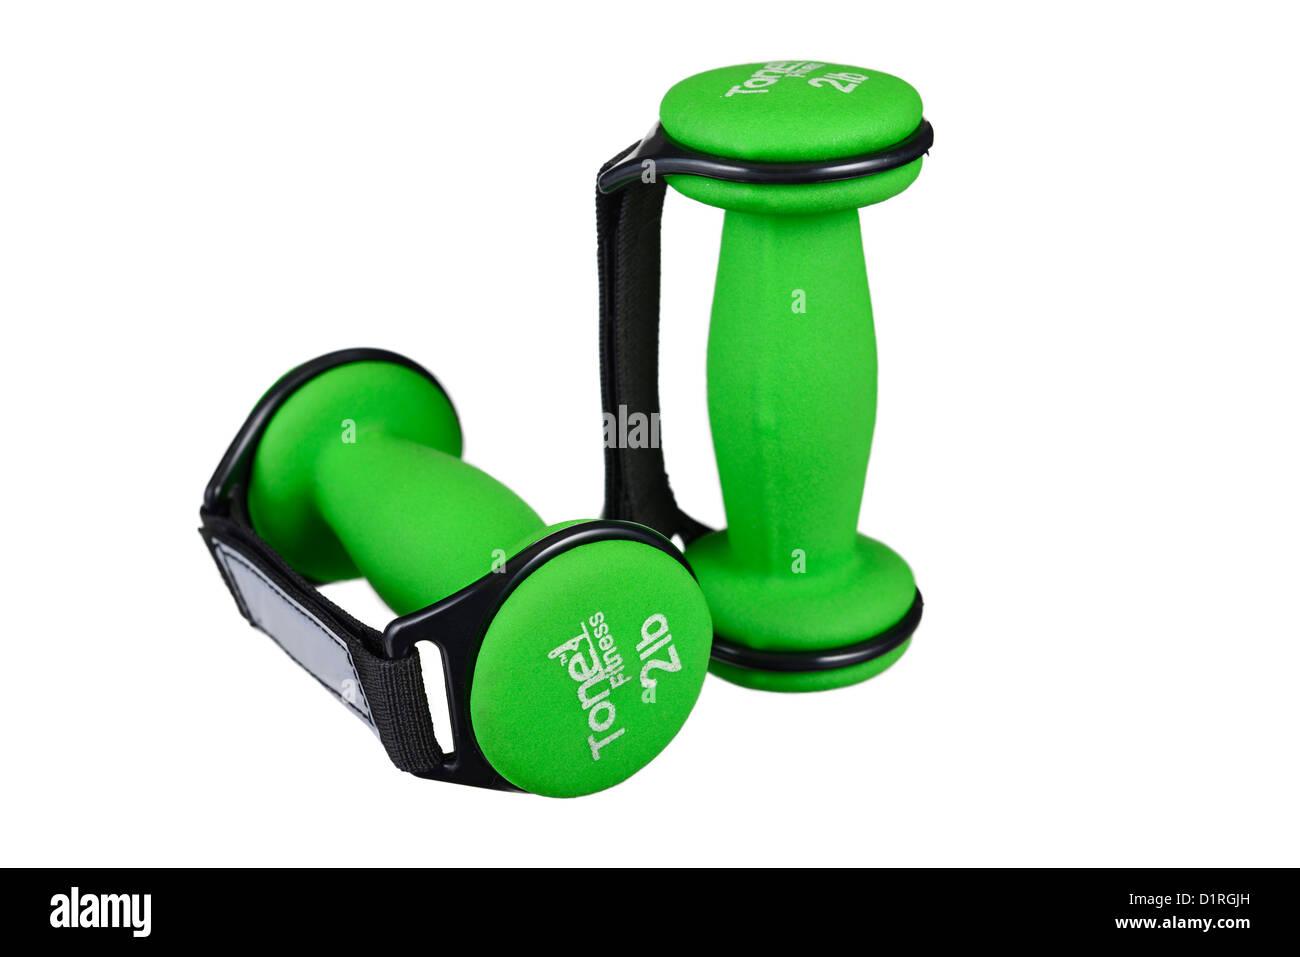 Les haltères, le ton, de remise en forme fitness marche haltères avec bretelles réglables Photo Stock